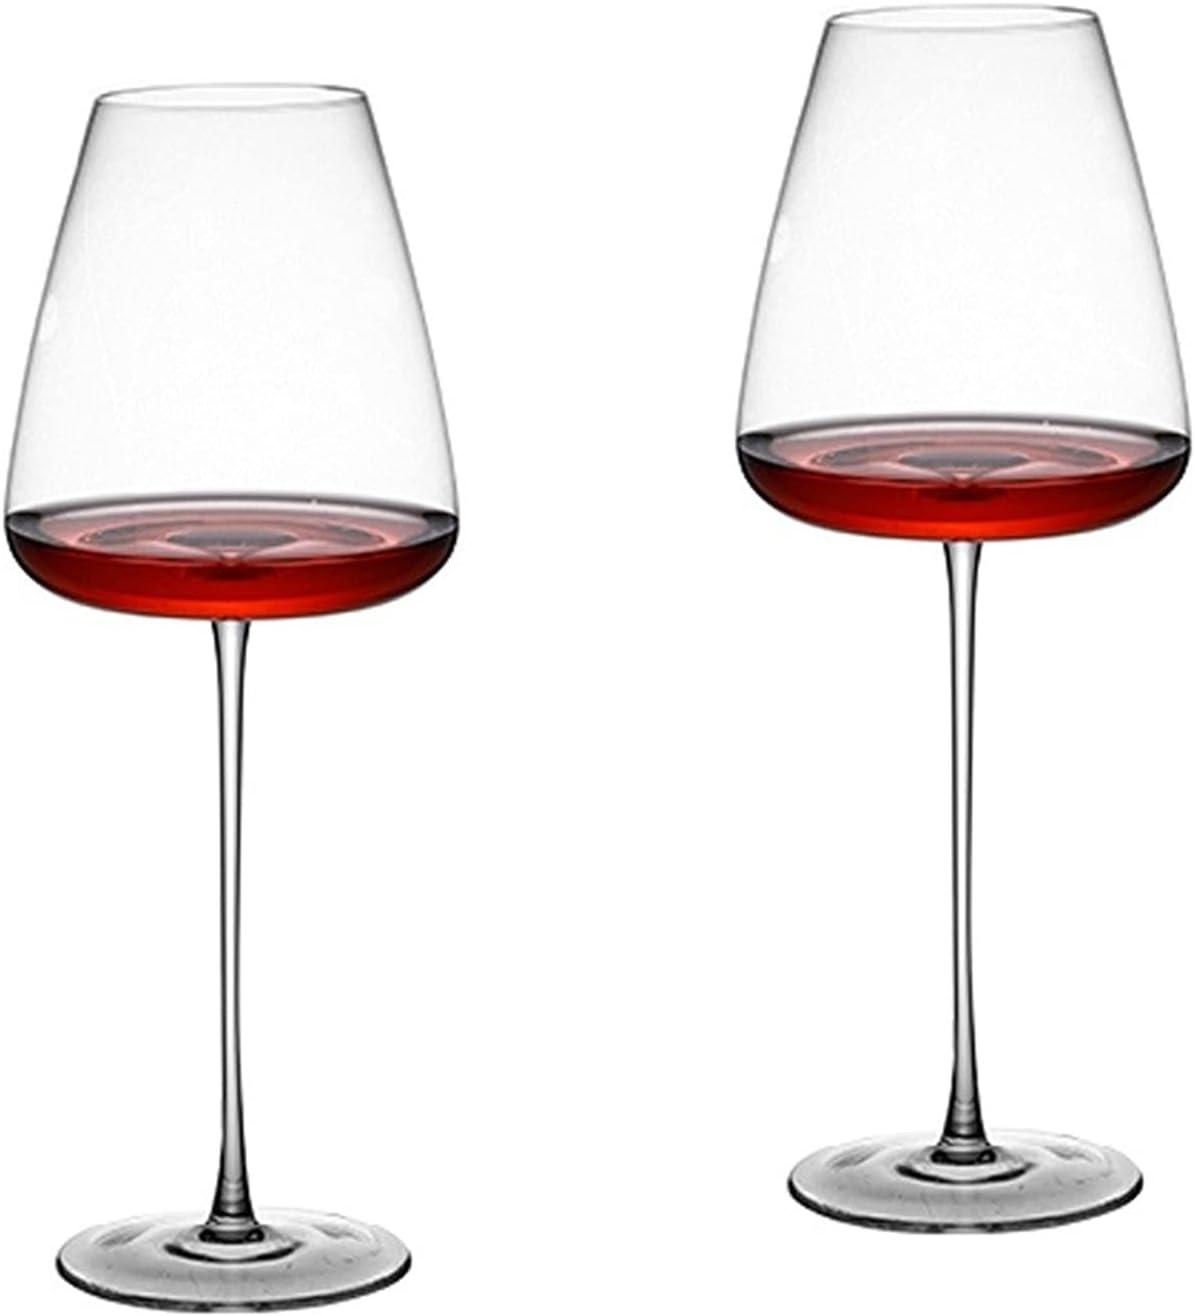 shiqi 2PCS Copas de champán Copos Europeos 2 Copas de Vino supersizadas de Borgoña 1 Pareja de Gafas de Cristal (Capacity : 2PCS, Color : 1000ML)